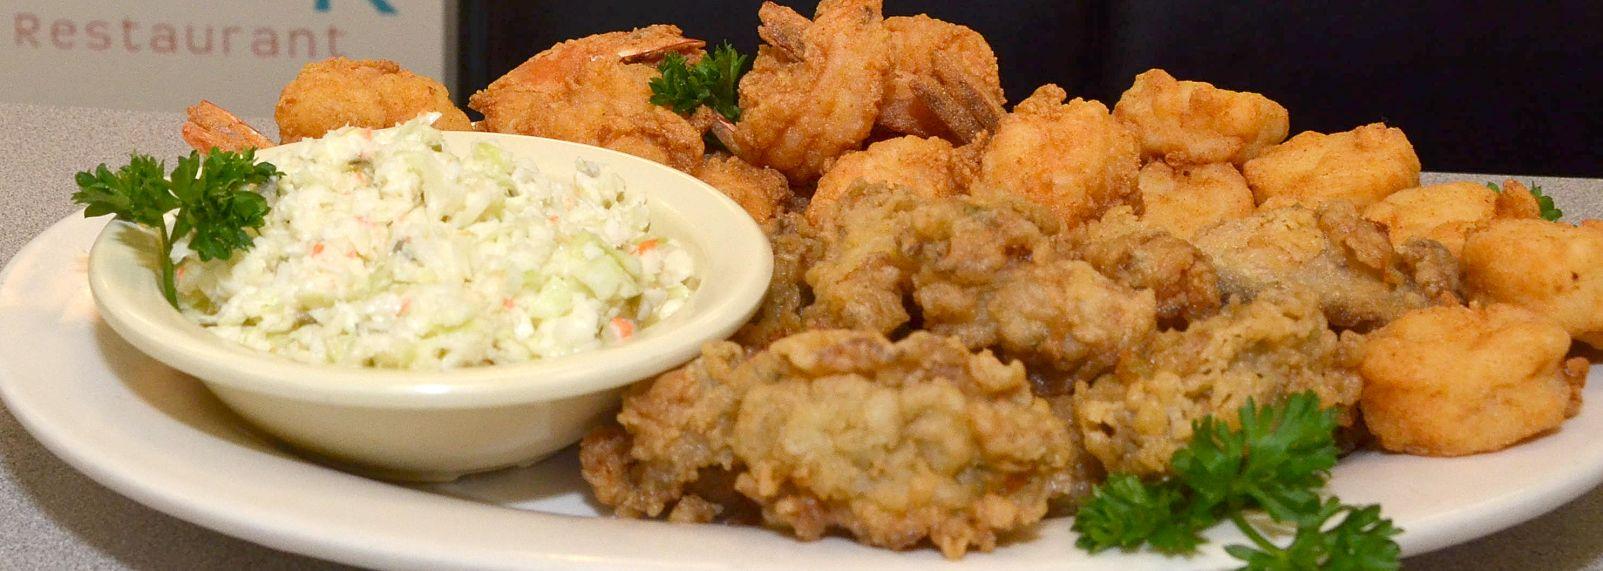 Rolesville_restaurants_MB_4958.JPG